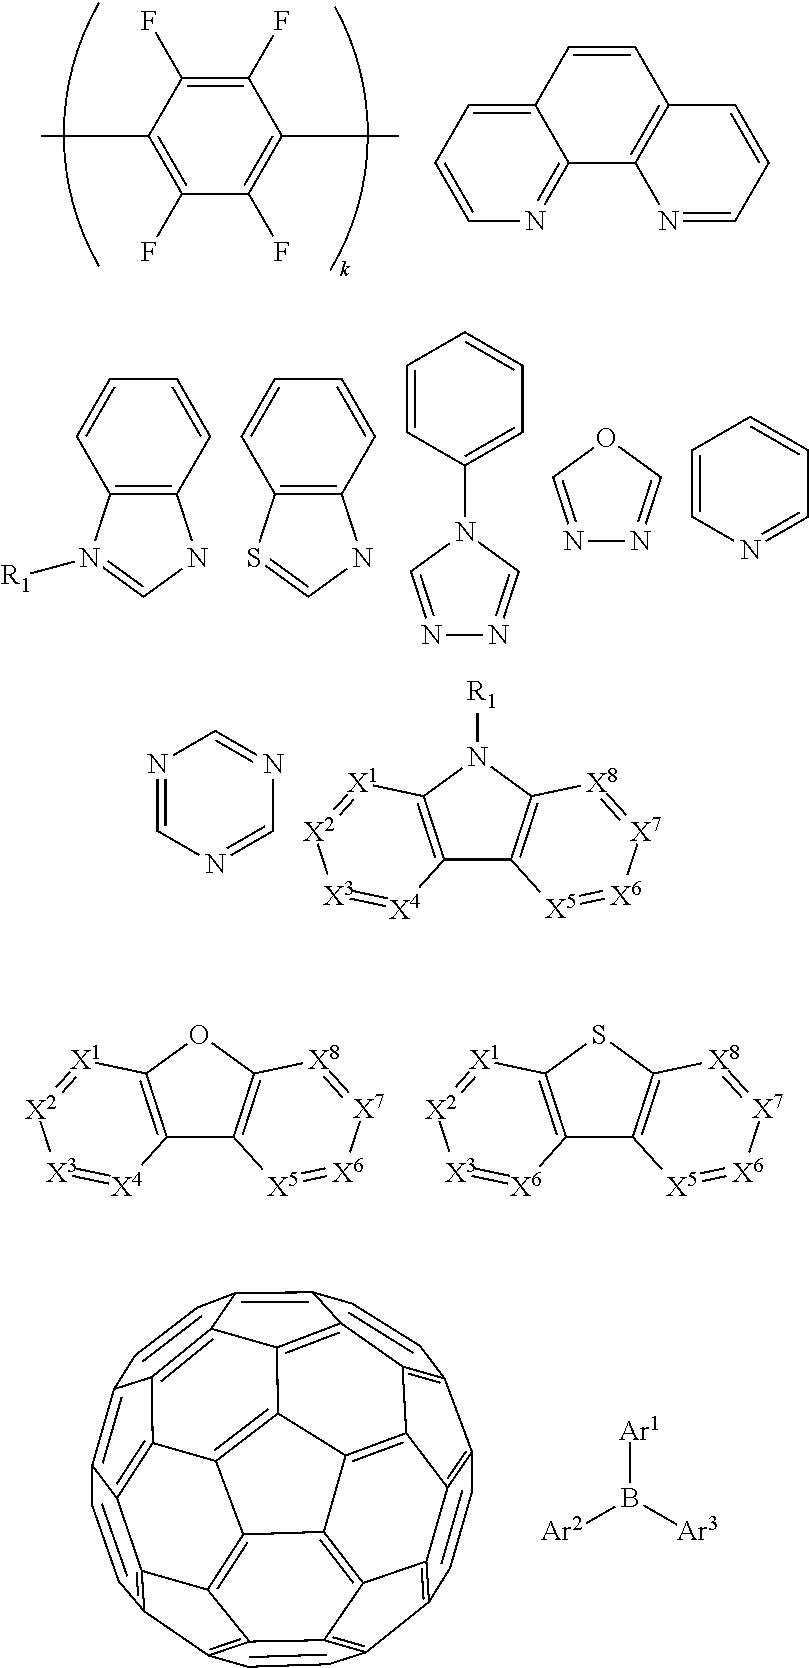 Figure US09972793-20180515-C00038